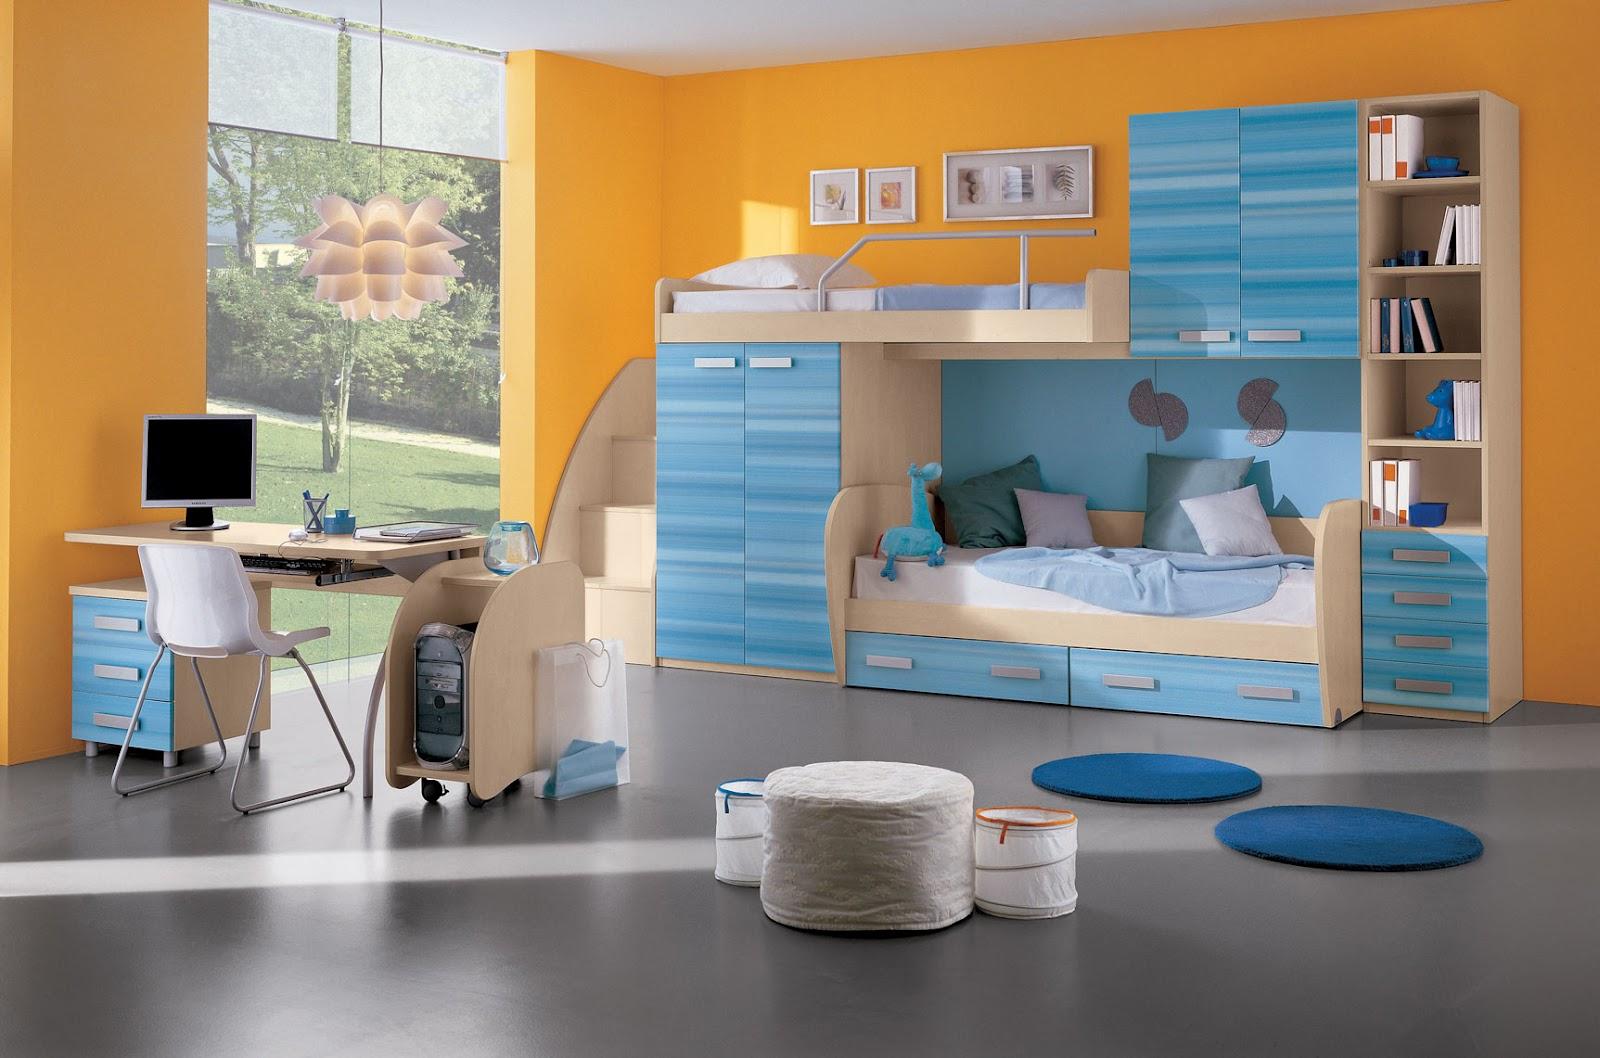 http://1.bp.blogspot.com/-rNax8Be5xKw/UDySon6TnhI/AAAAAAAACh0/4zyj1xvZscg/s1600/Kids-Room-Best-Home-Interior-Designs.jpg